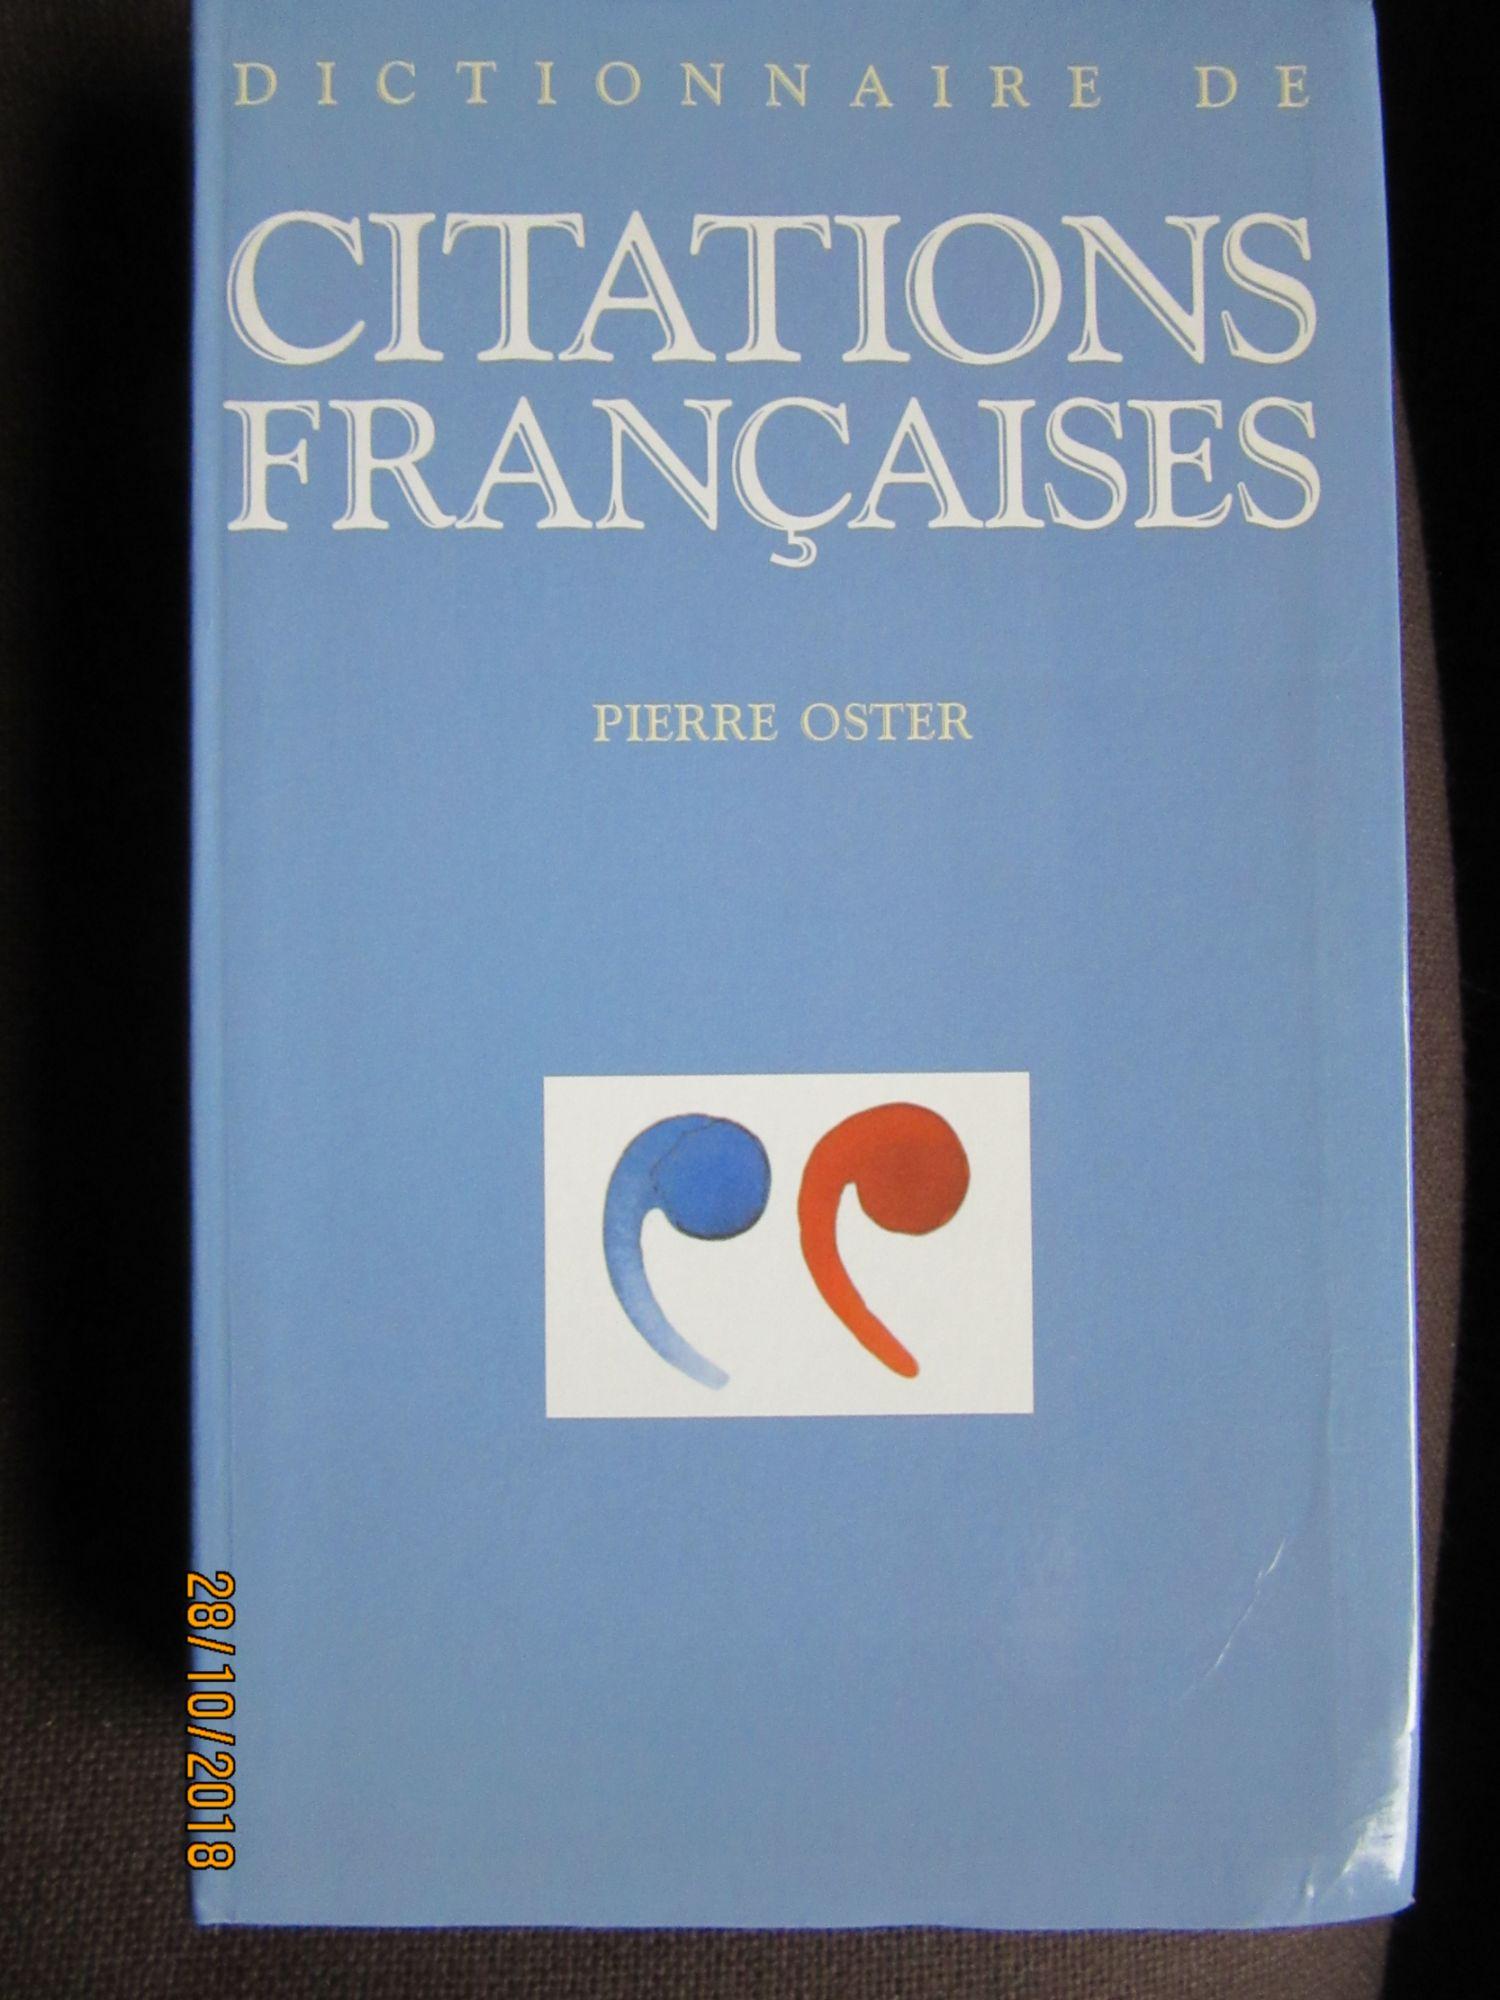 Dictionnaire de citations françaises de Pierre Oster